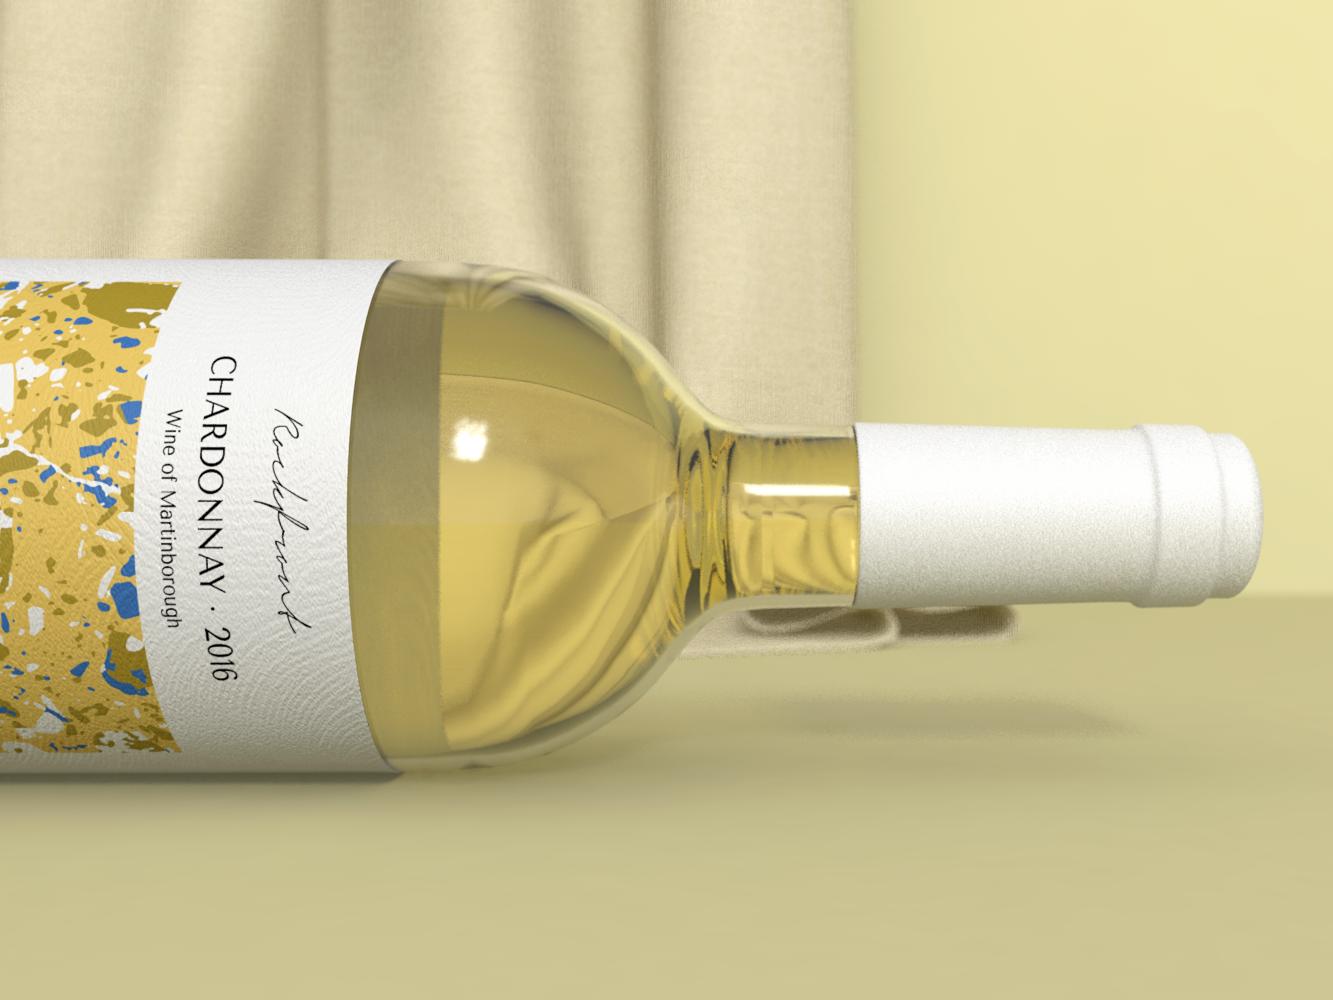 Rockfront Wine wine daily branding design cinema4d 3d art 3d simple